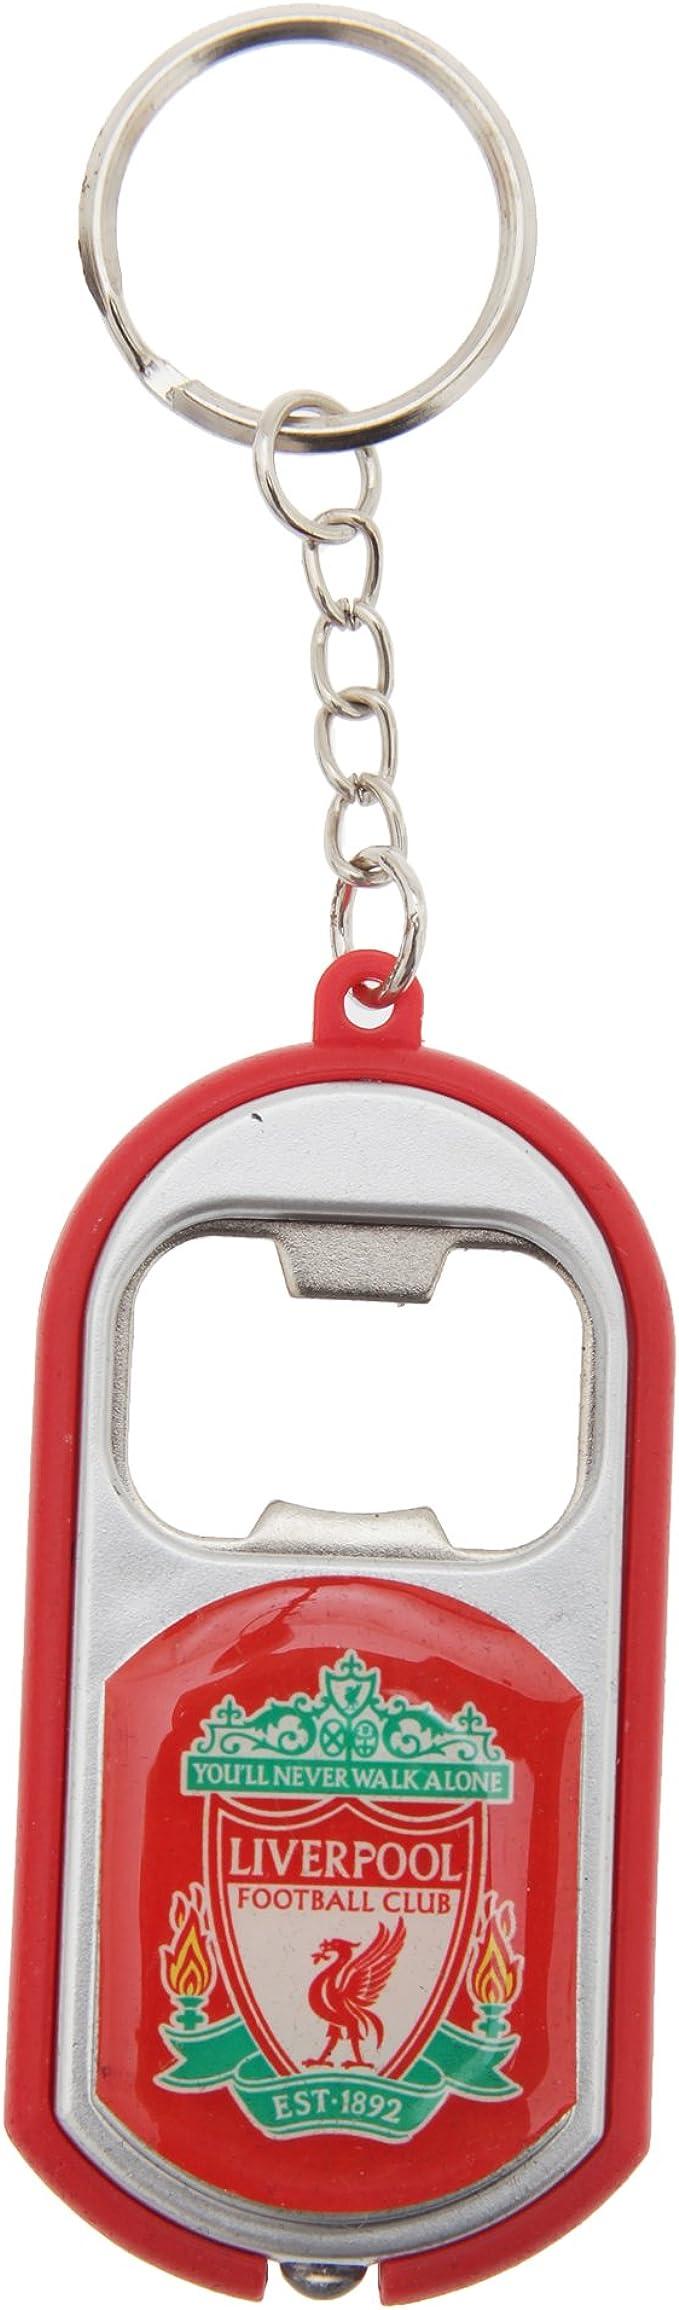 Schlüsselanhänger Mit Integriertem Flaschenöffner Liverpool Fc Design Einheitsgröße Rot Bekleidung